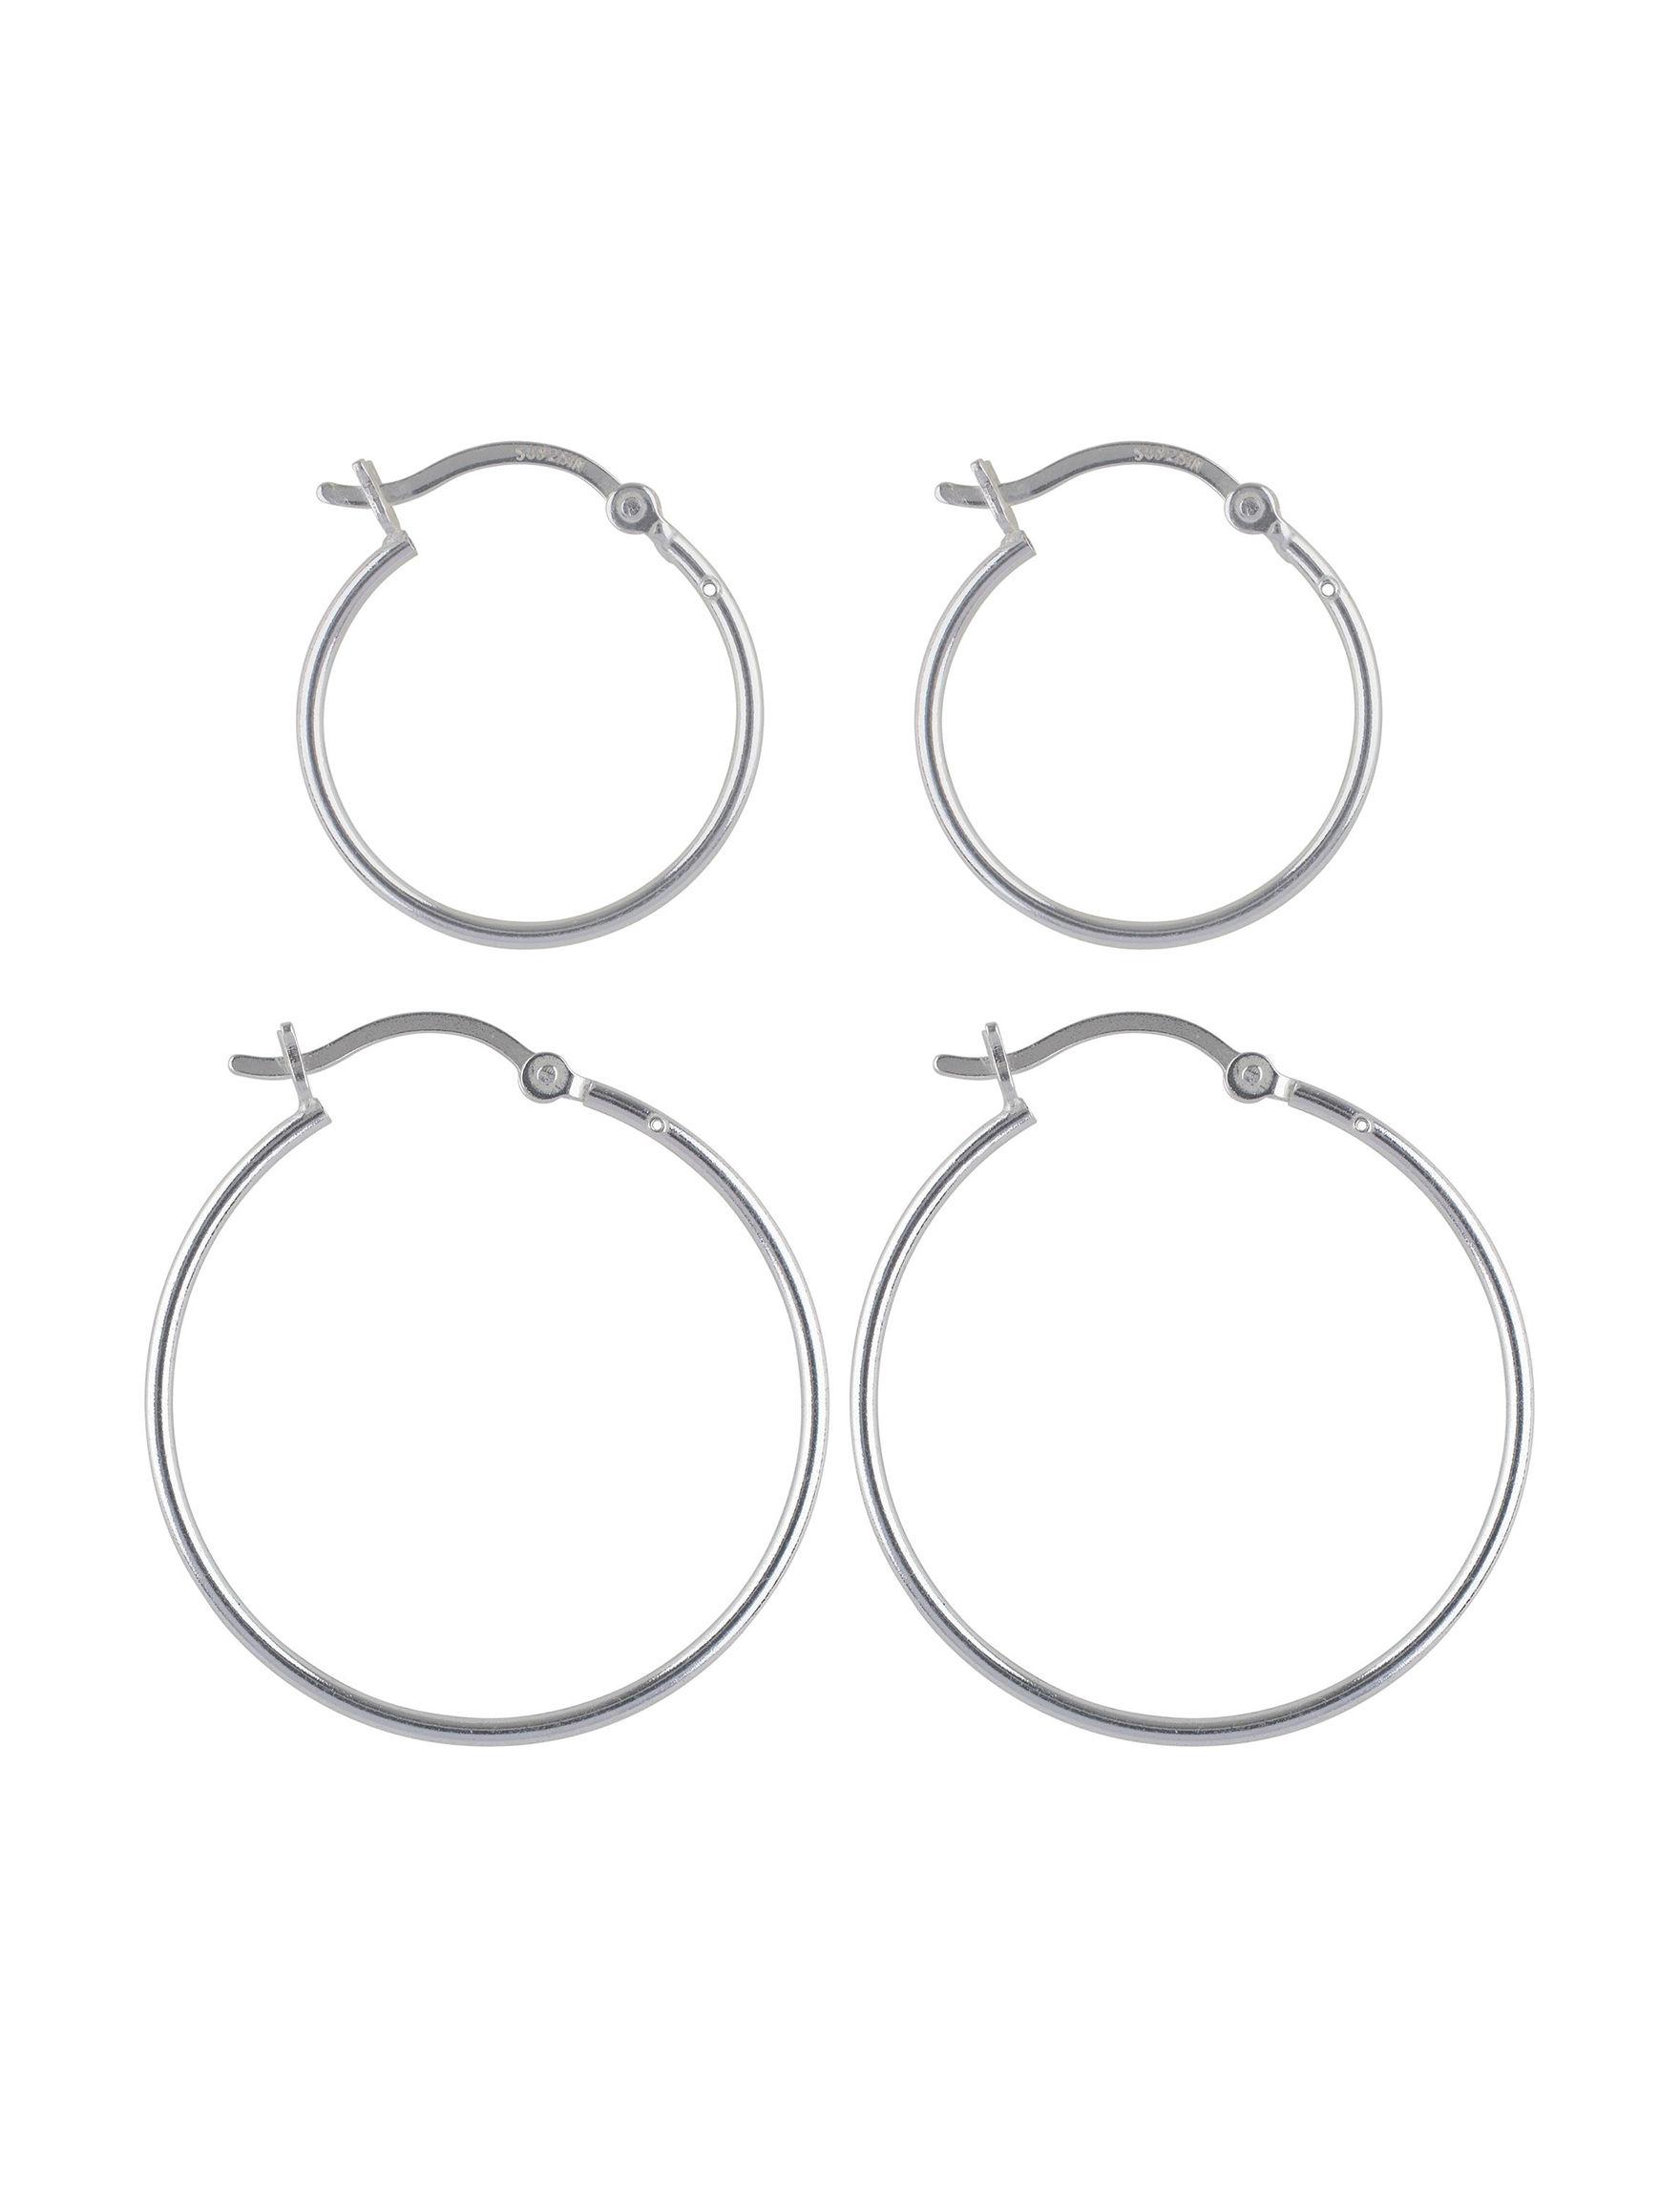 Sunstone Sterling Silver Hoops Earrings Fine Jewelry